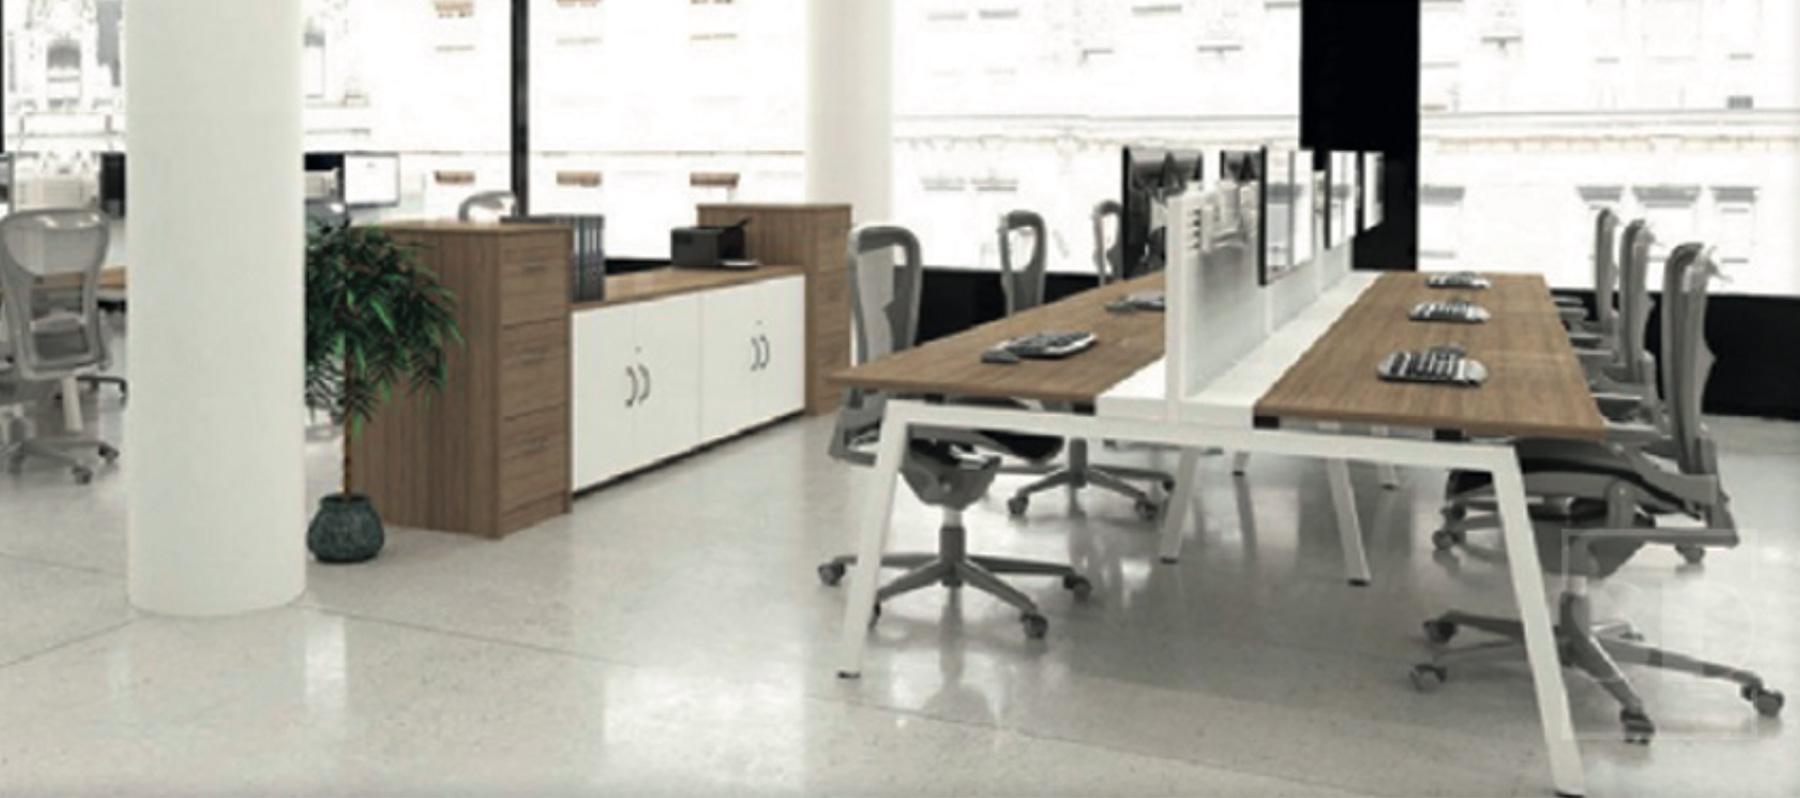 Office Furniture & Interiors